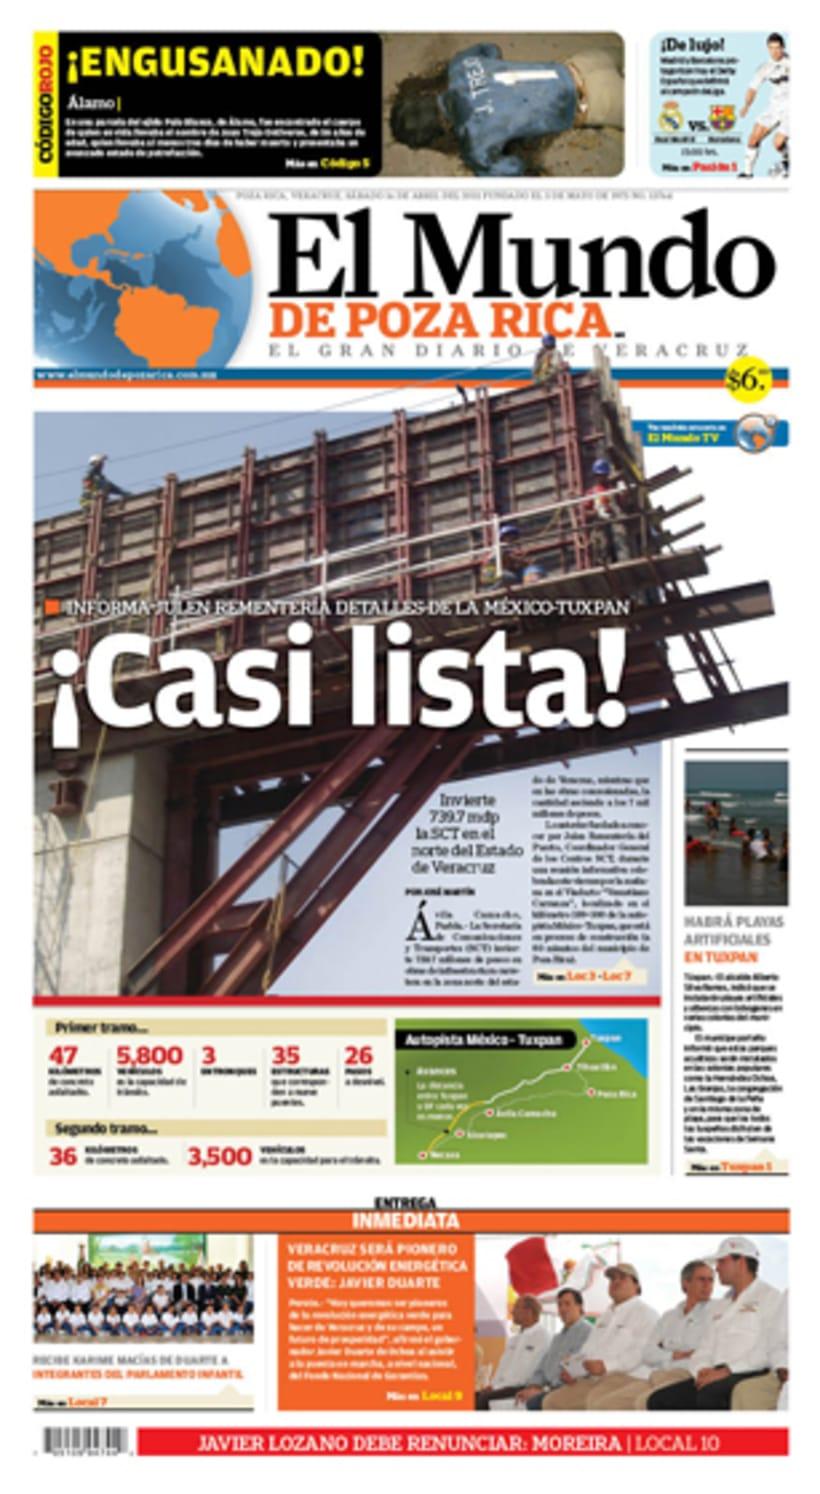 Diseño editorial-ELMUNDO 14